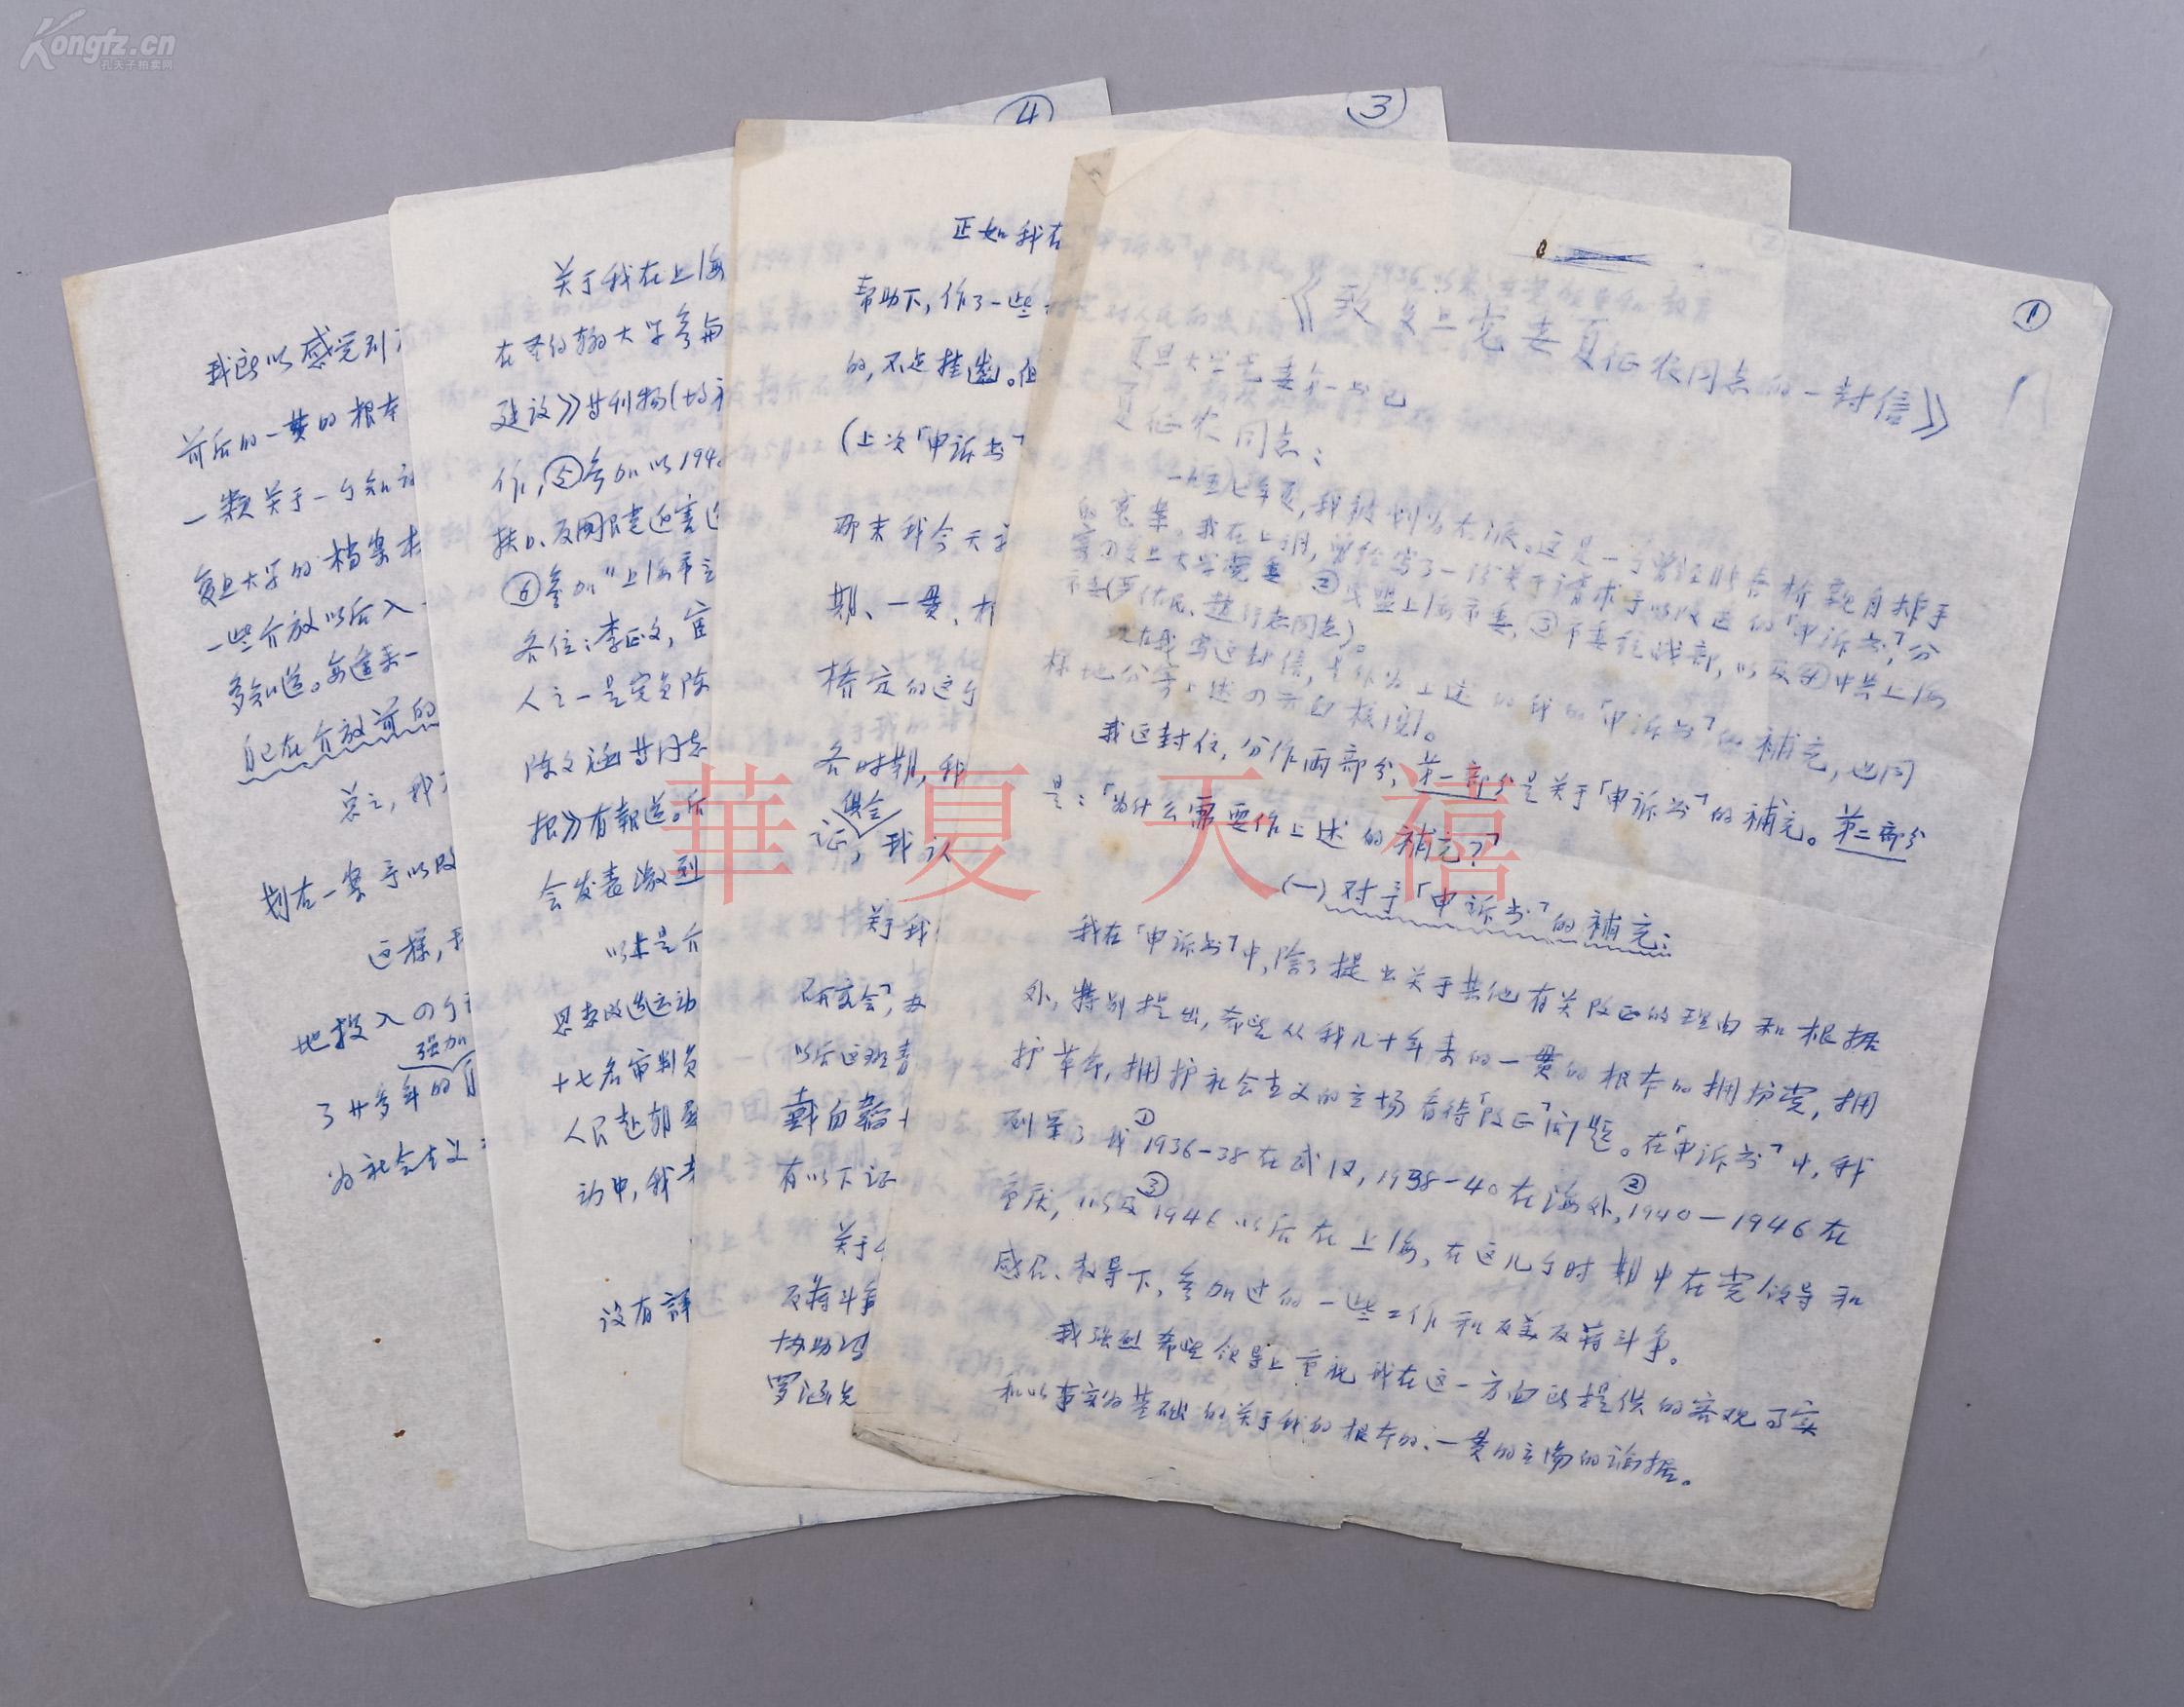 五大右派之一,著名历史学家 陈仁炳 1979年信稿复写件《致复旦党委